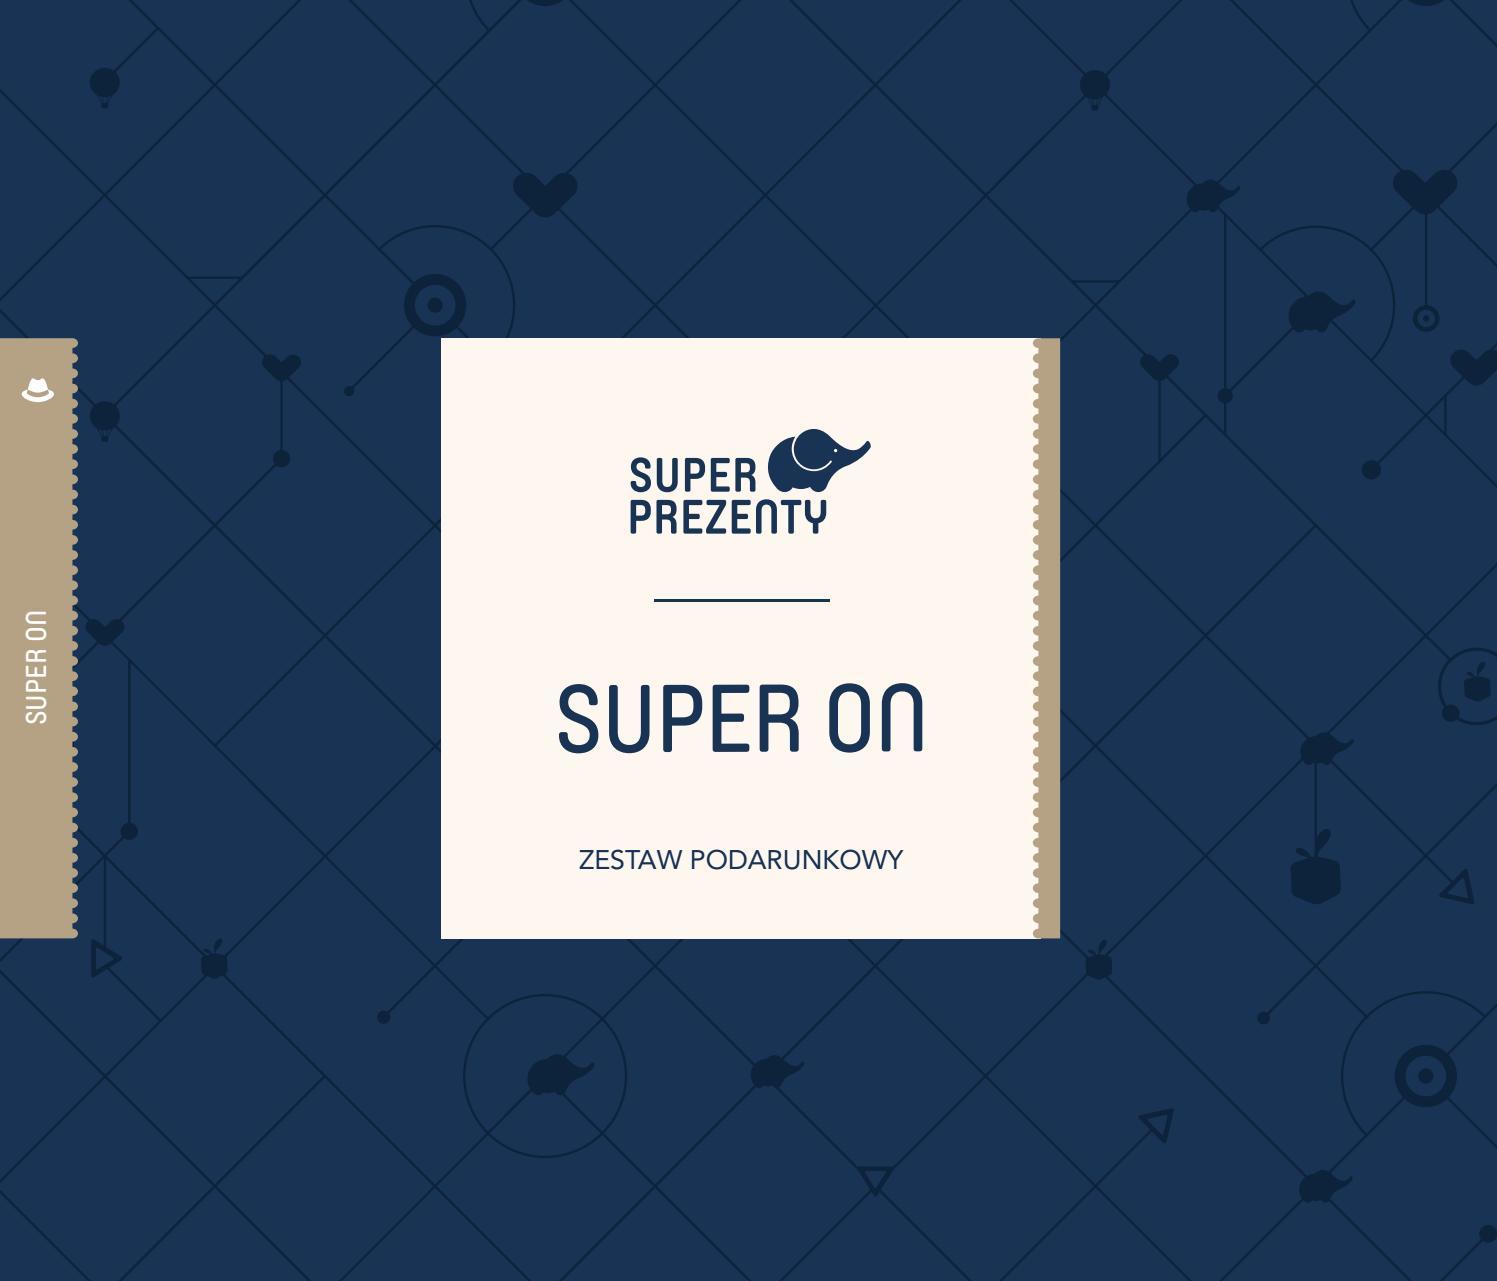 86f77a33c34e Zestaw Podarunkowy Super On by superprezenty - issuu